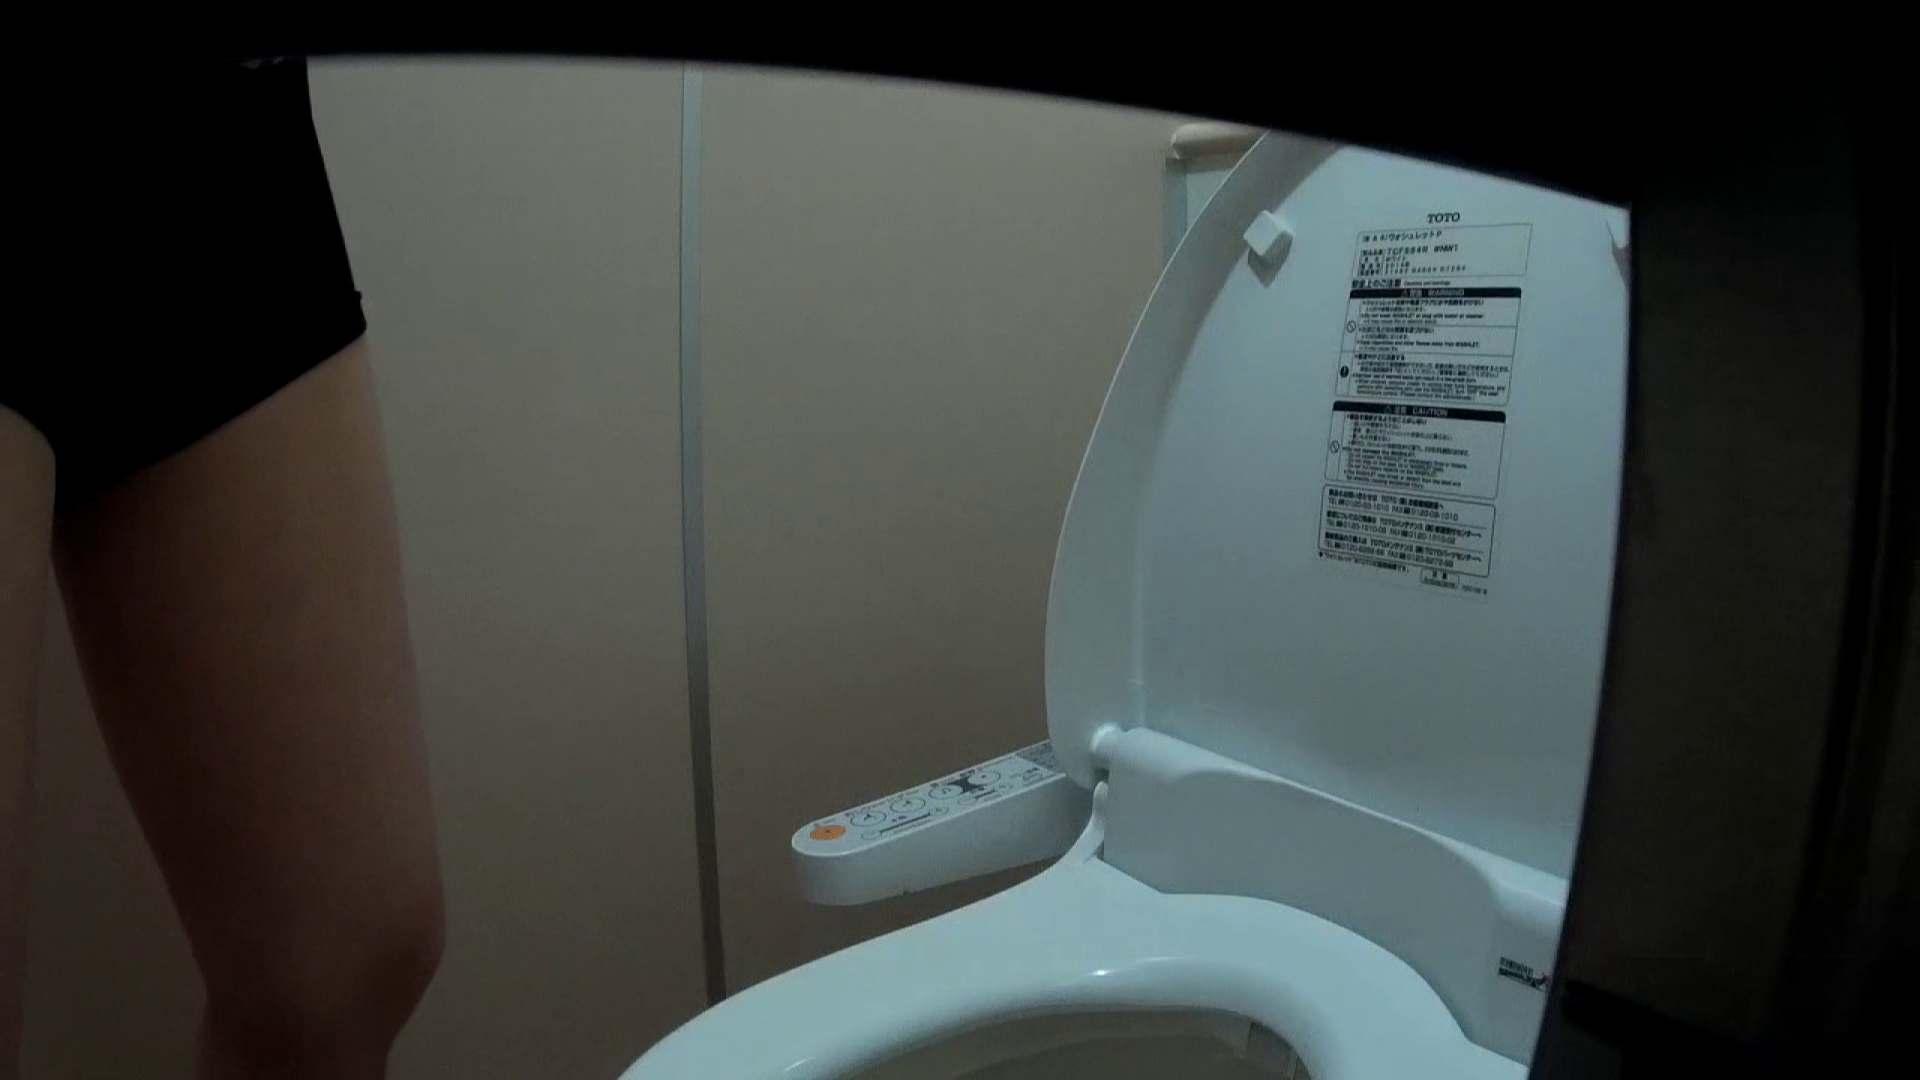 有名大学女性洗面所 vol.43 いつみても神秘的な世界です。 洗面所  107PIX 25